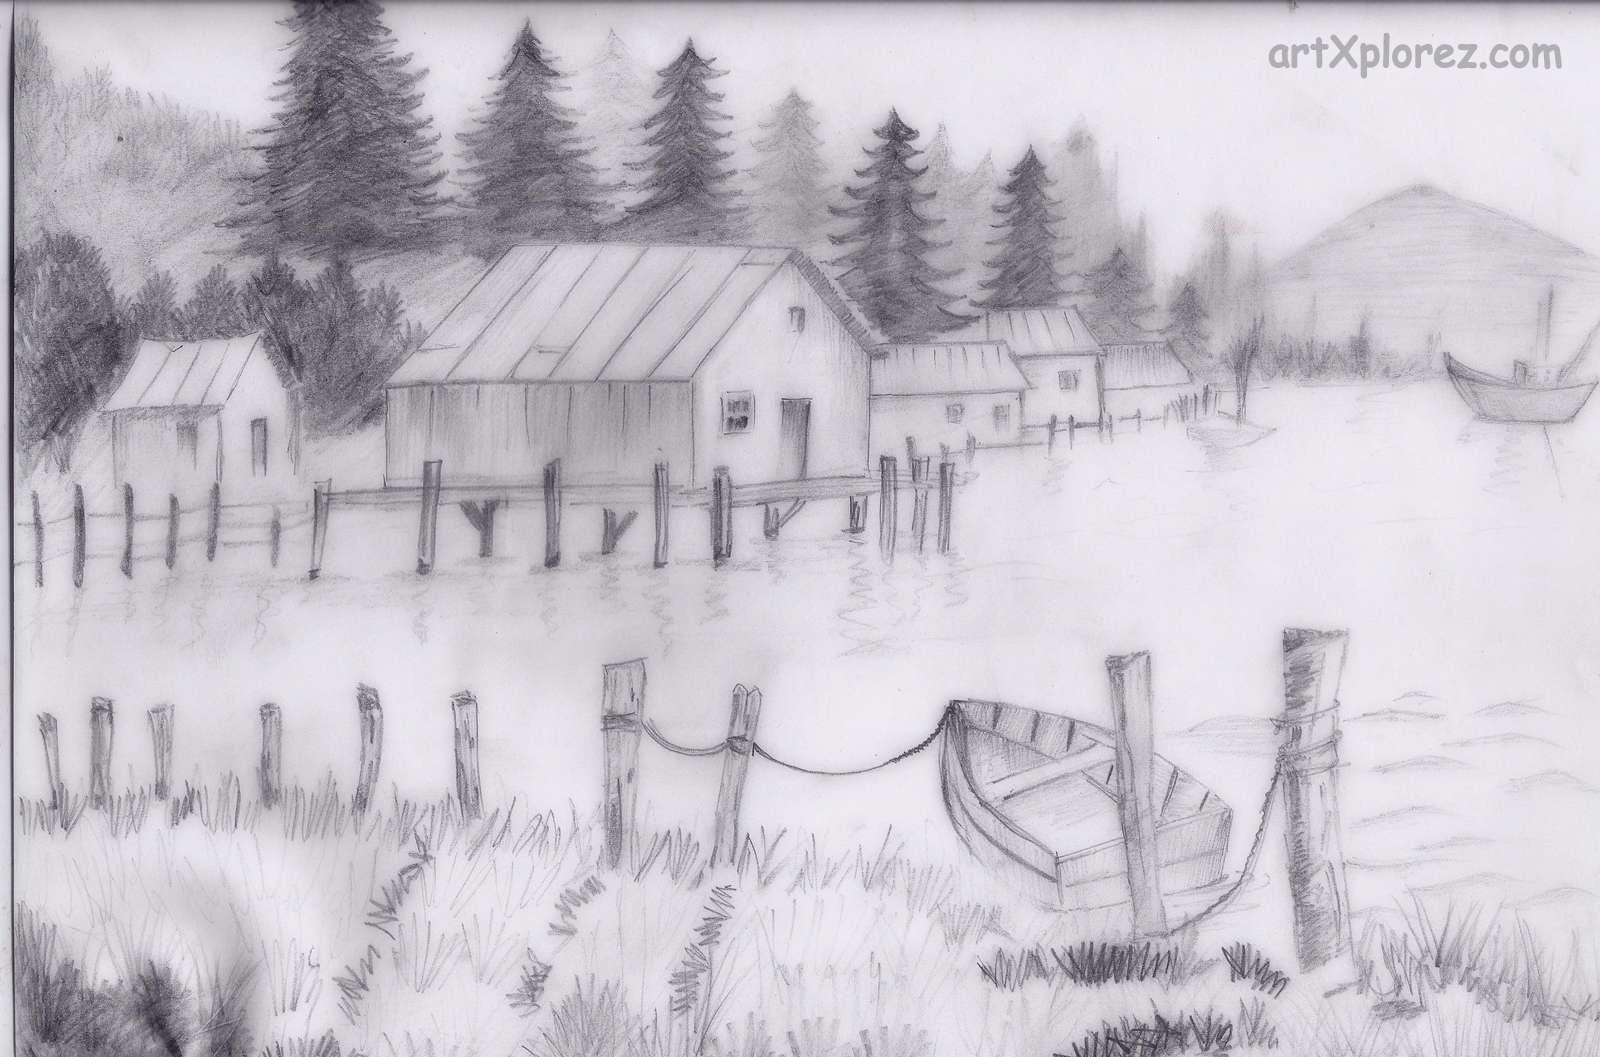 Drawn scenic shading Art artXplorez shading Landscapes pencil